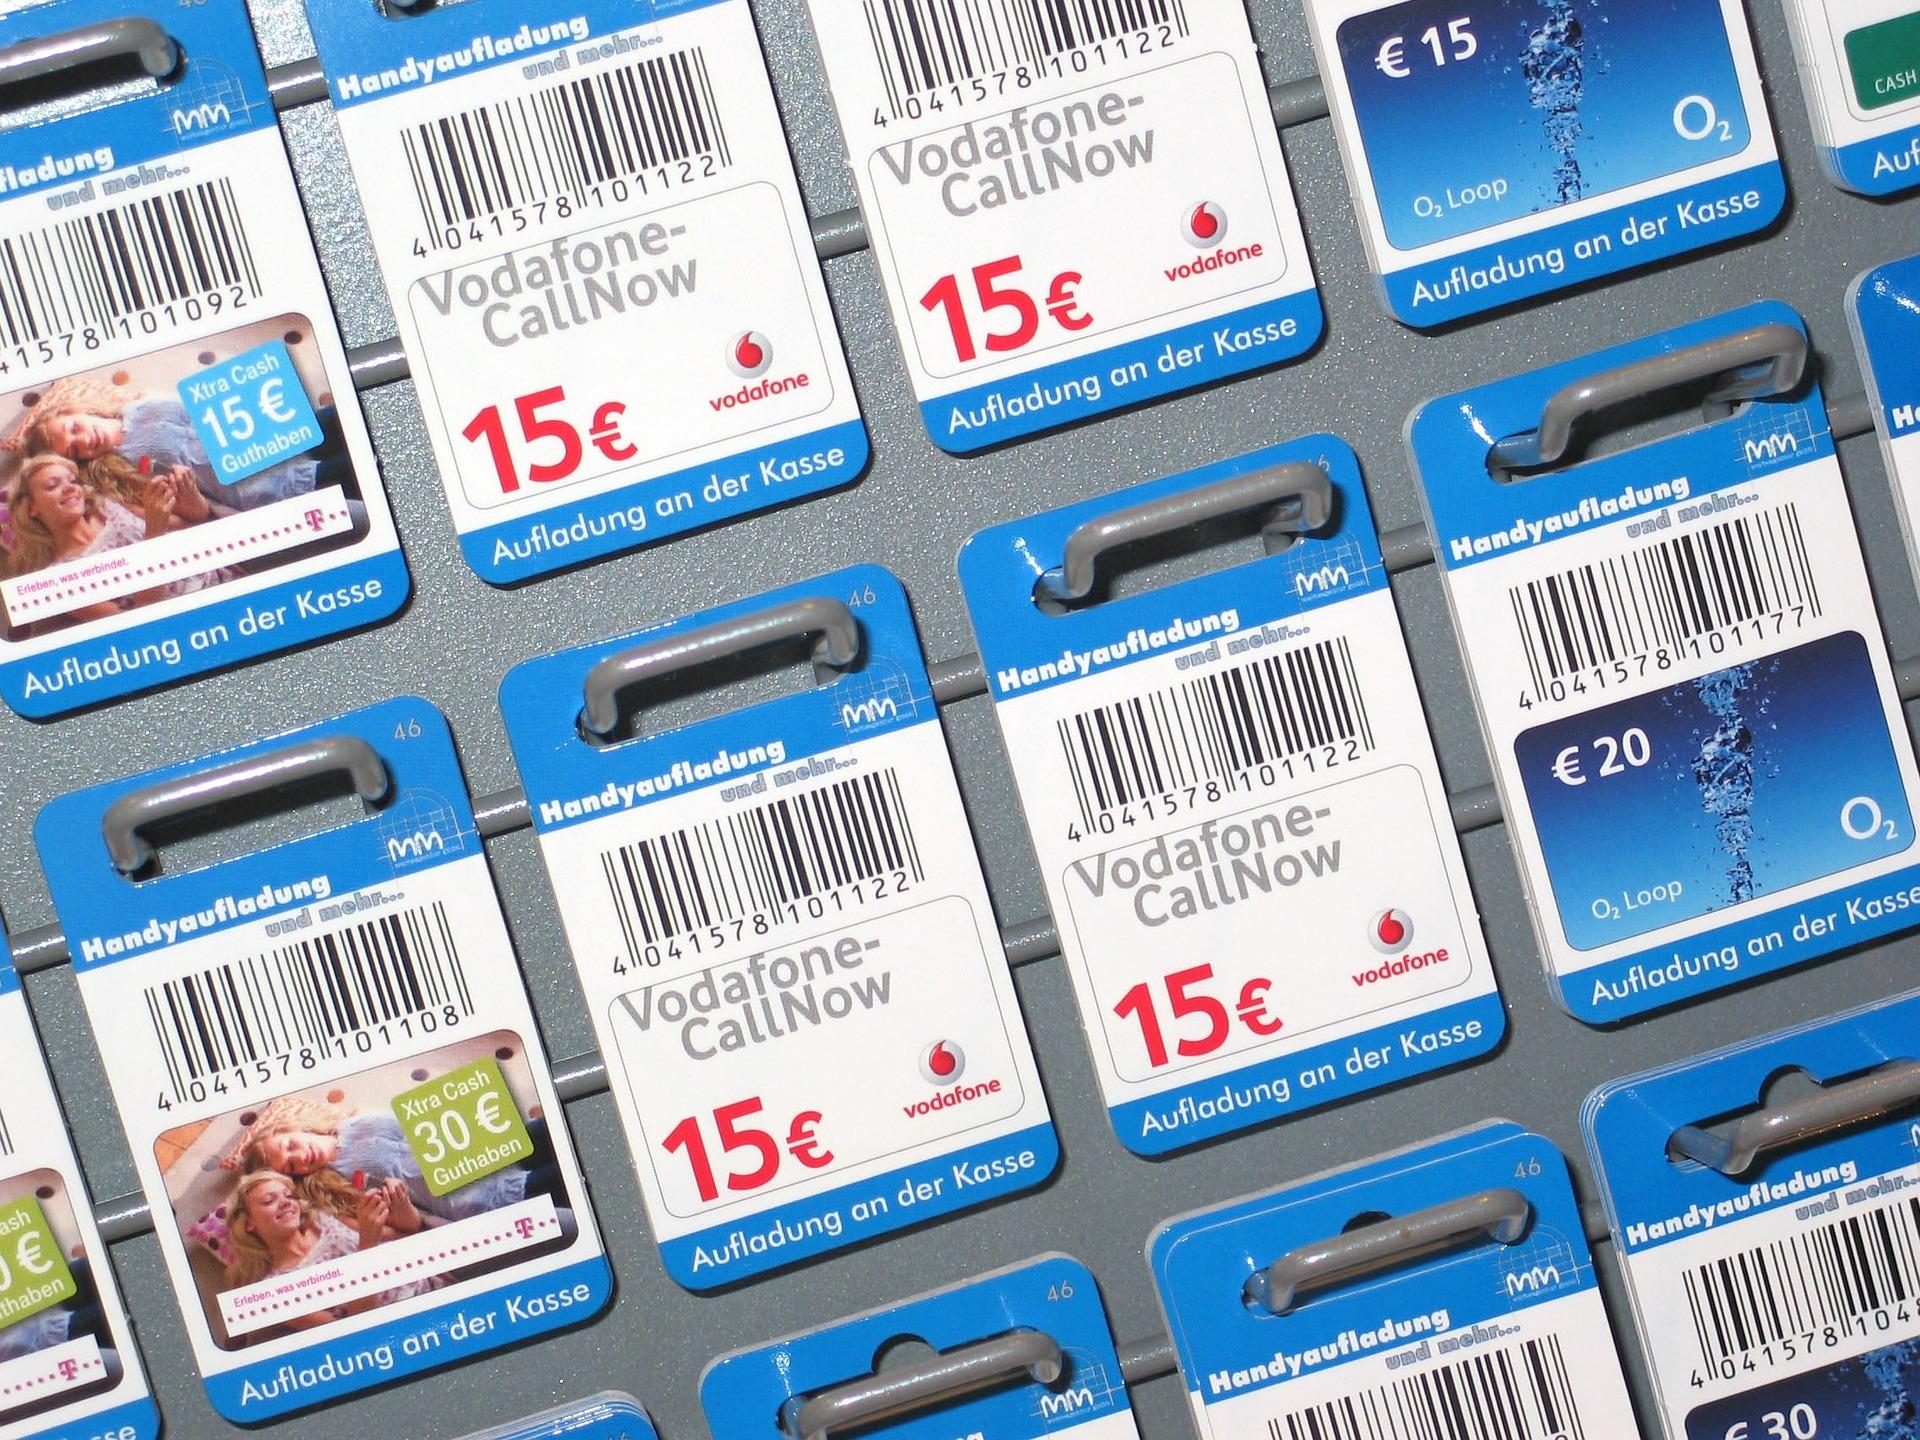 Telefon-Prepaid-Karten